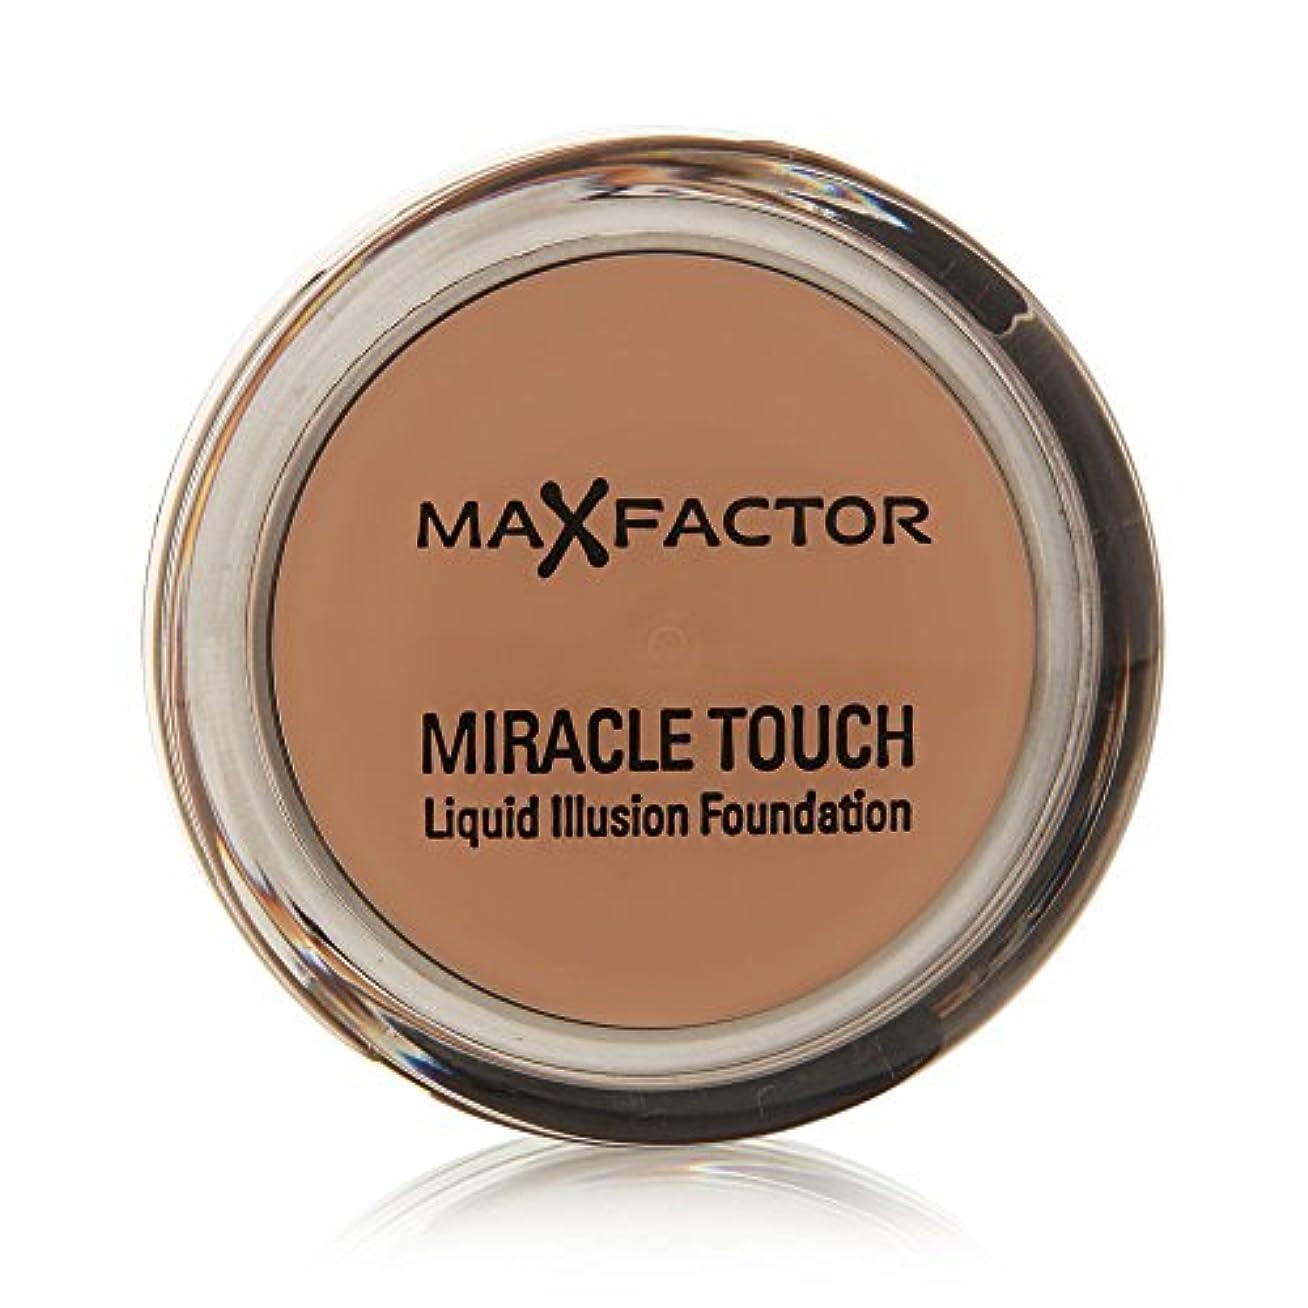 取り替える海洋偽善者Miracle Touch Foundation de Max Factor - fond de teint Caramel 85